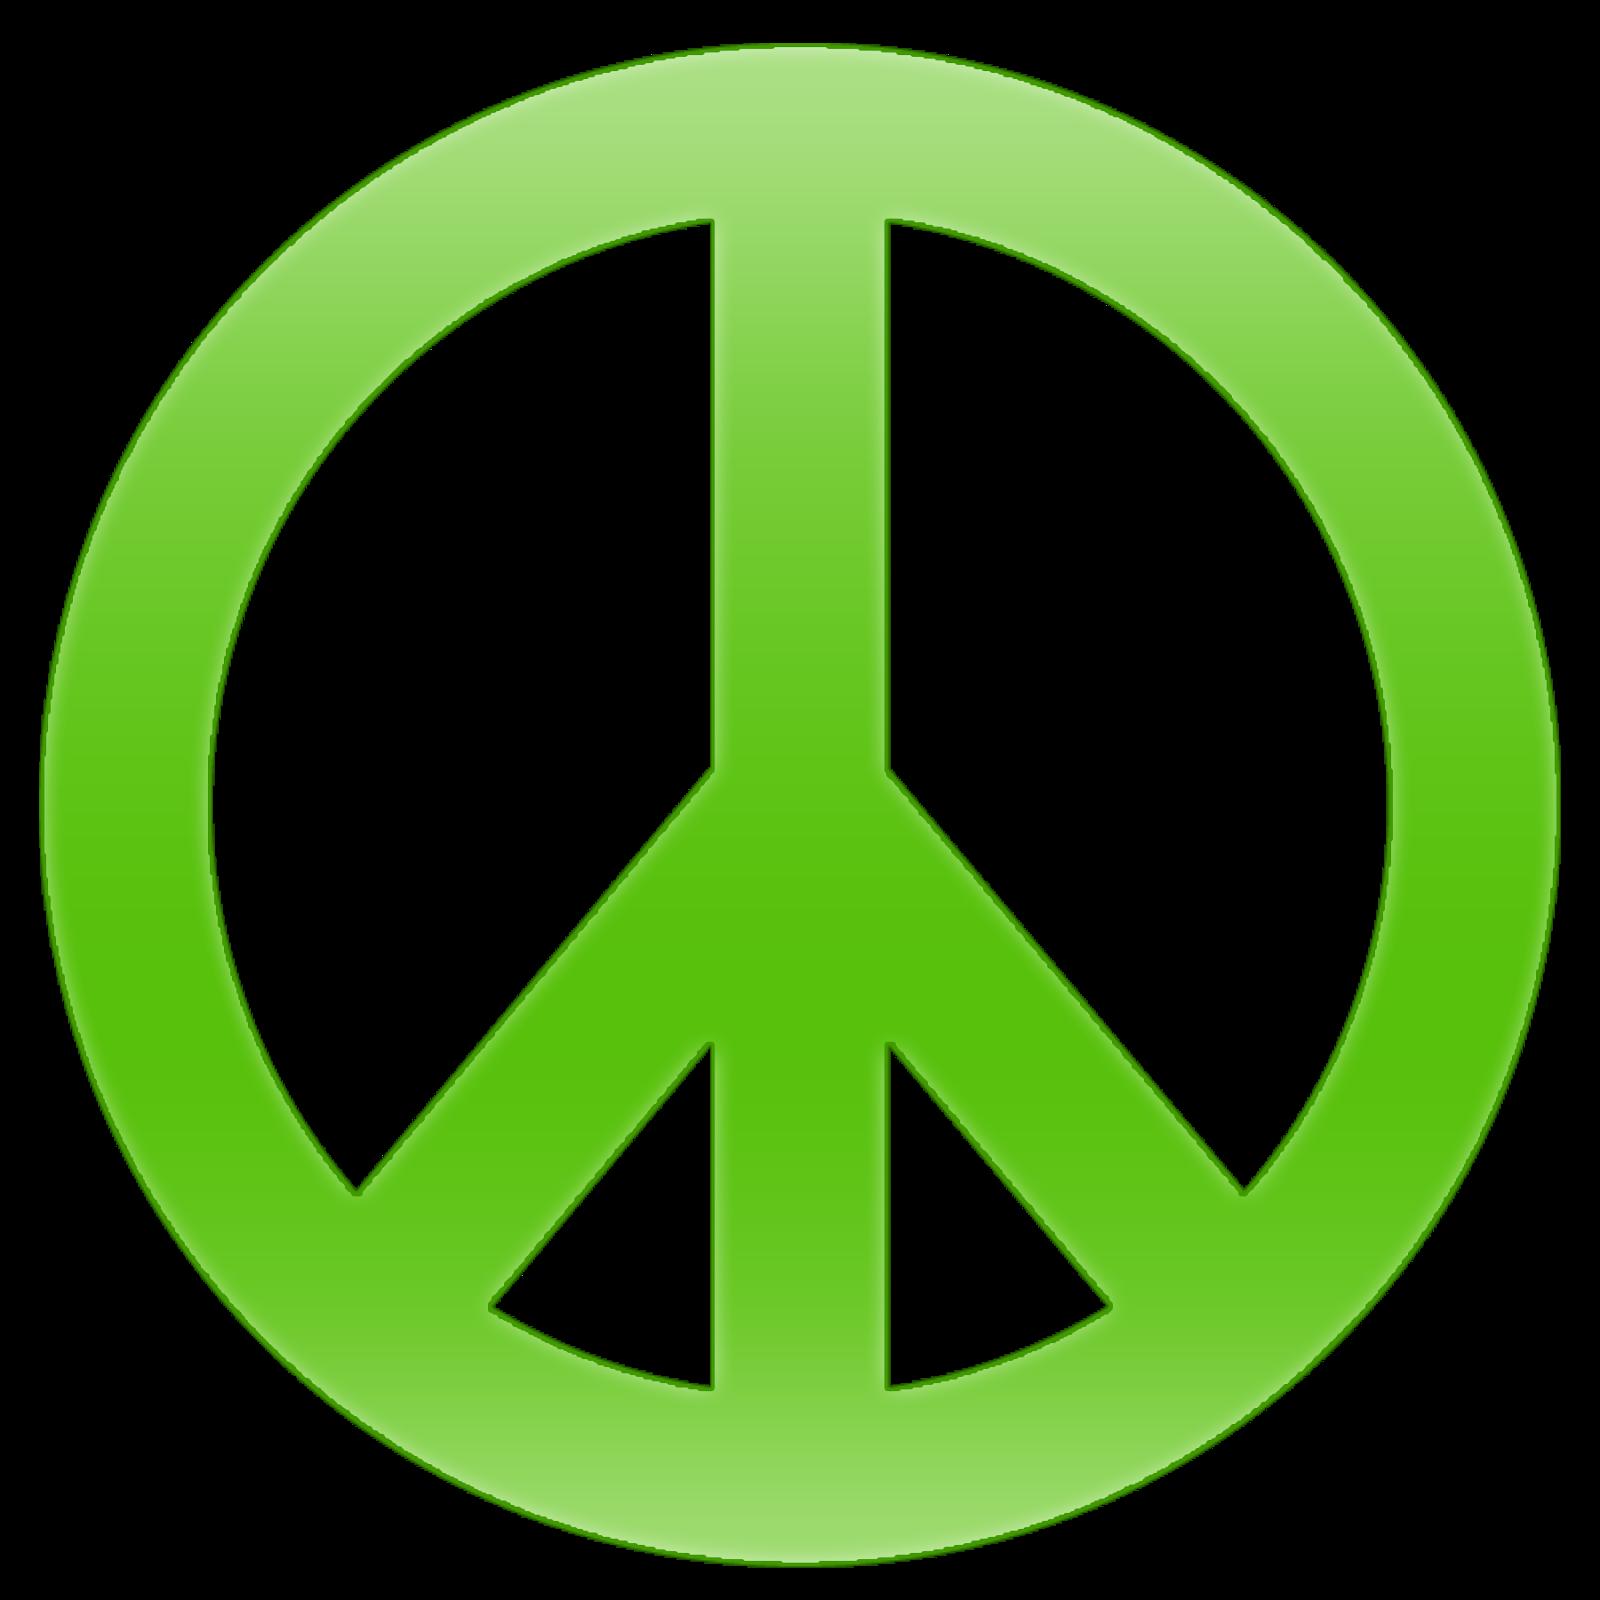 1600x1600 Peace Sign Clipart Transparent